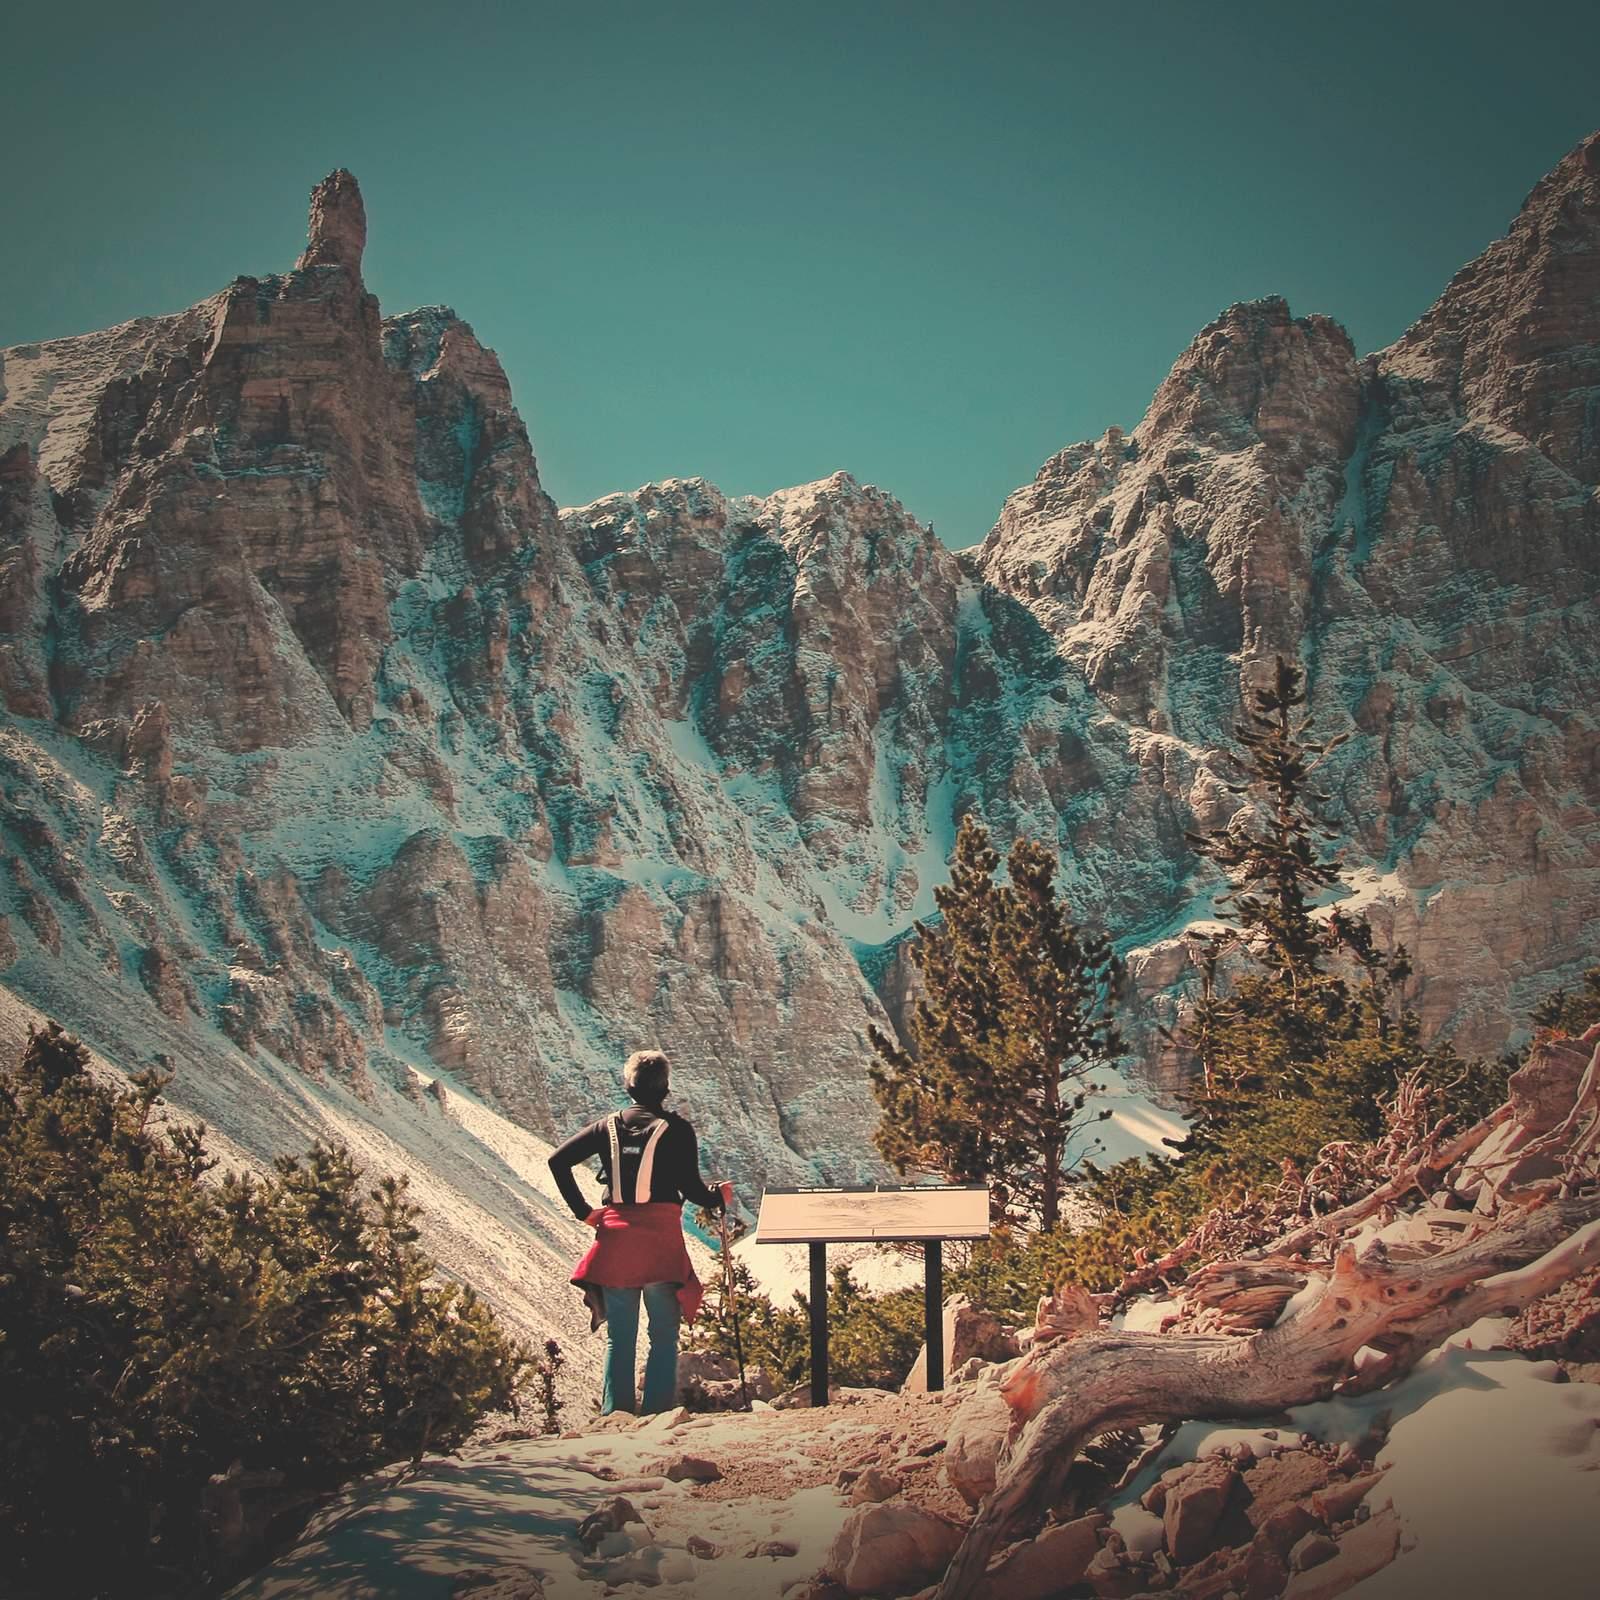 Aussicht auf die Berge im Great Basin National Park